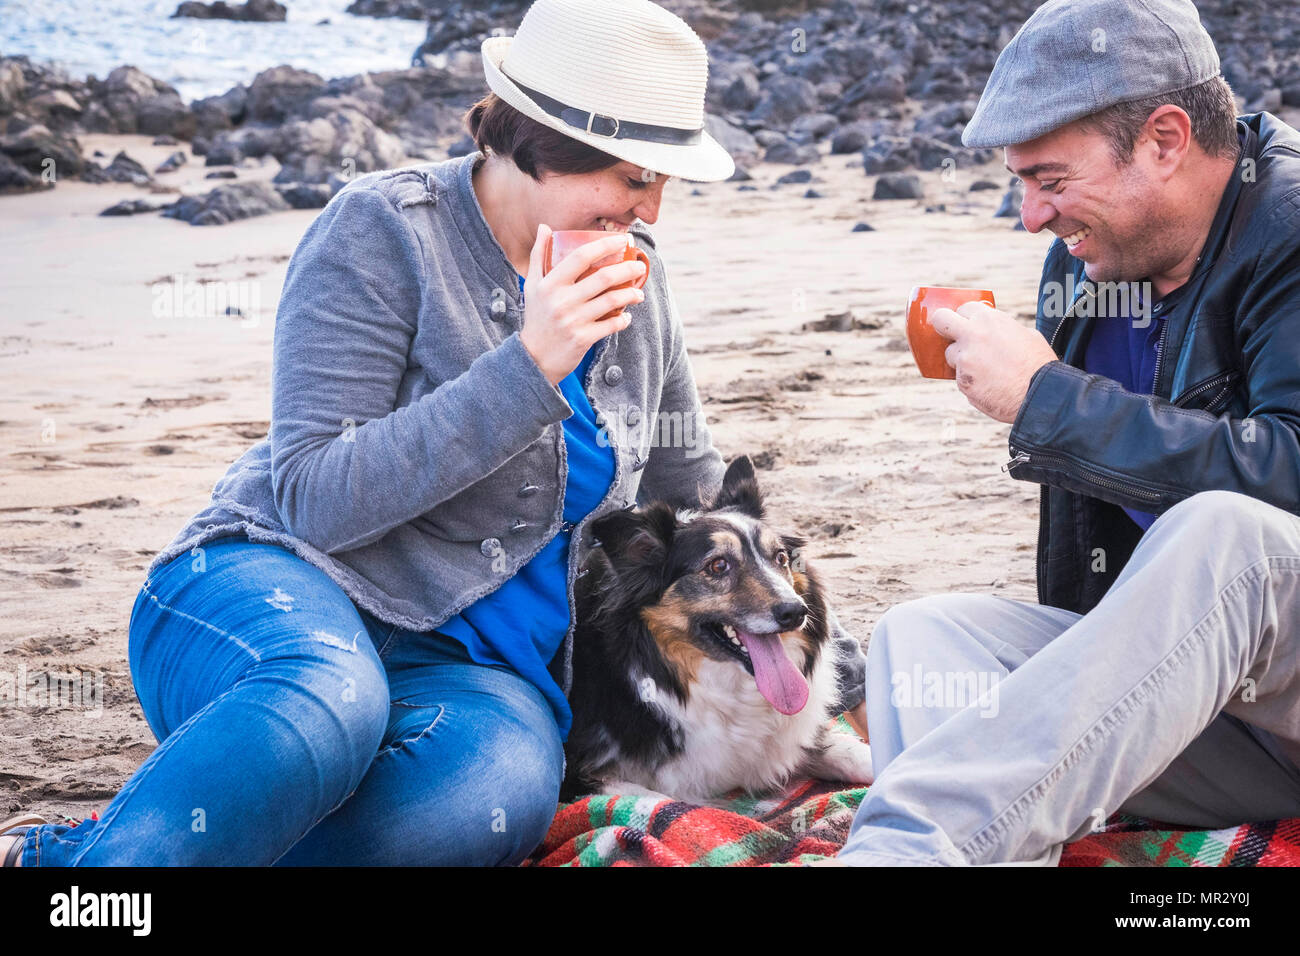 Schöne Paar mittleren Alters in der Freizeit am Strand im Urlaub im Sommer mit einem süßen Haustier Border Collie. Alle zusammen mit einer Tasse Kaffee zu anejoy Stockbild